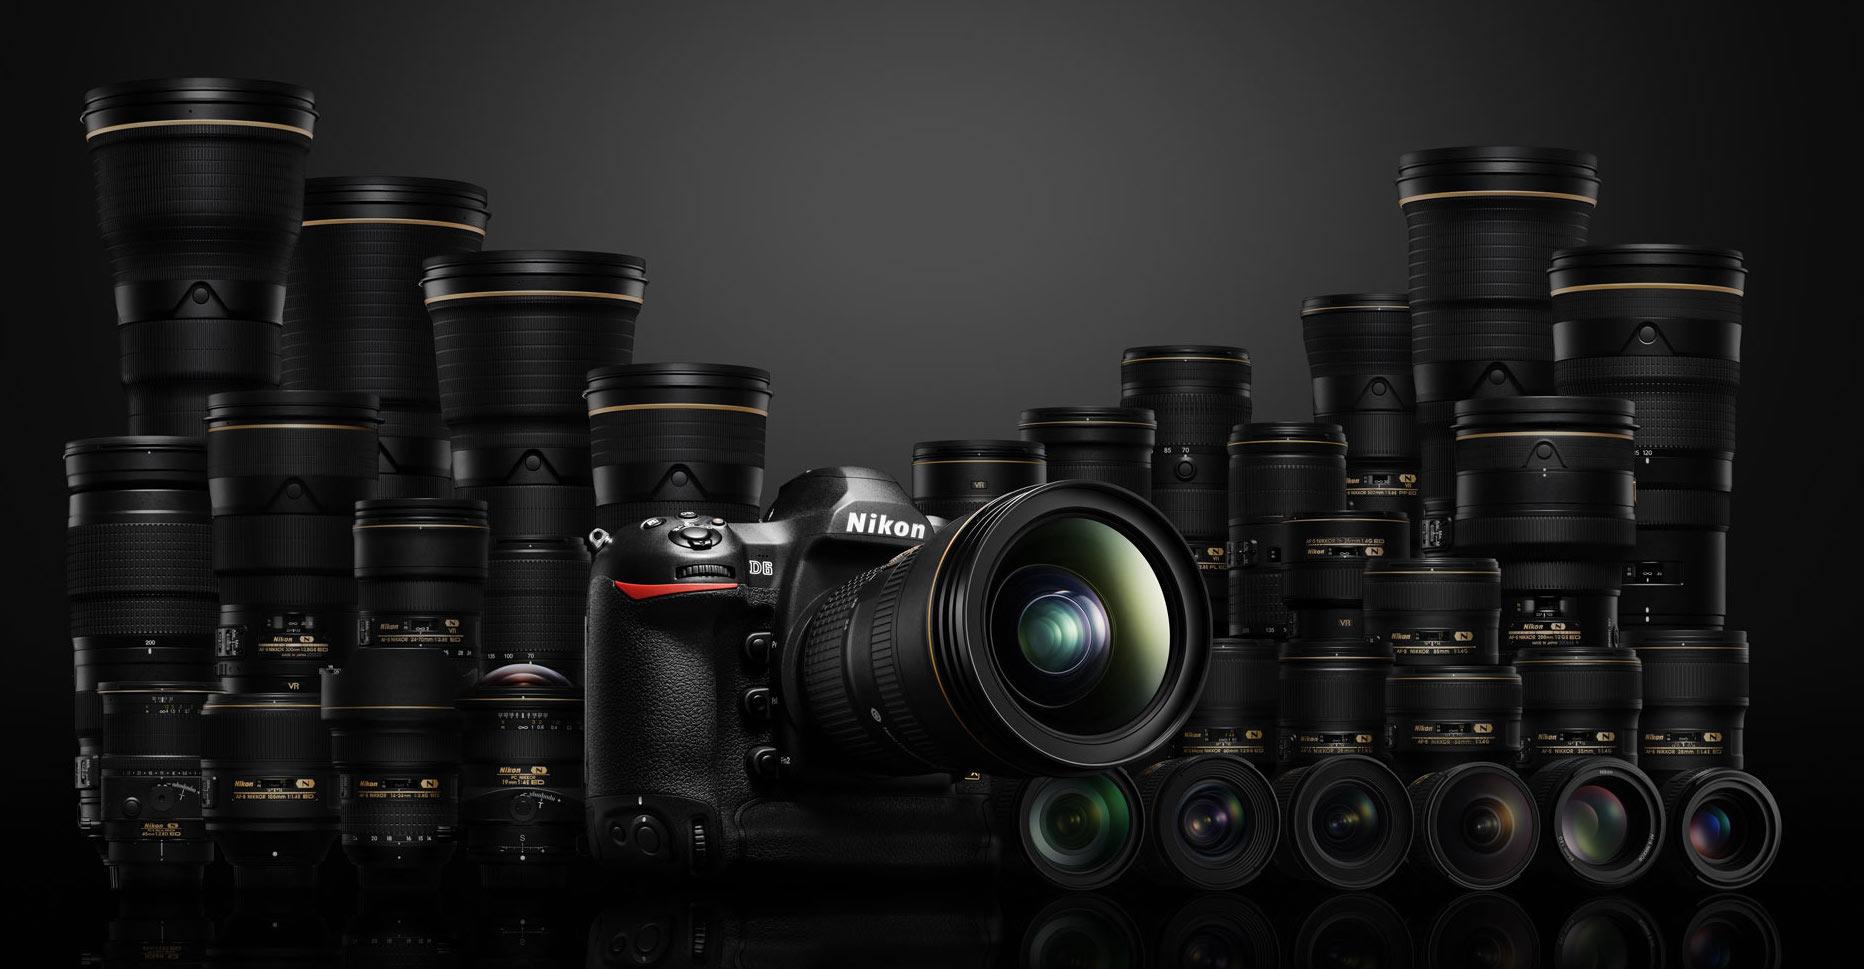 Rilasciata la versione 1.20 dell'aggiornamento del firmware Nikon D6